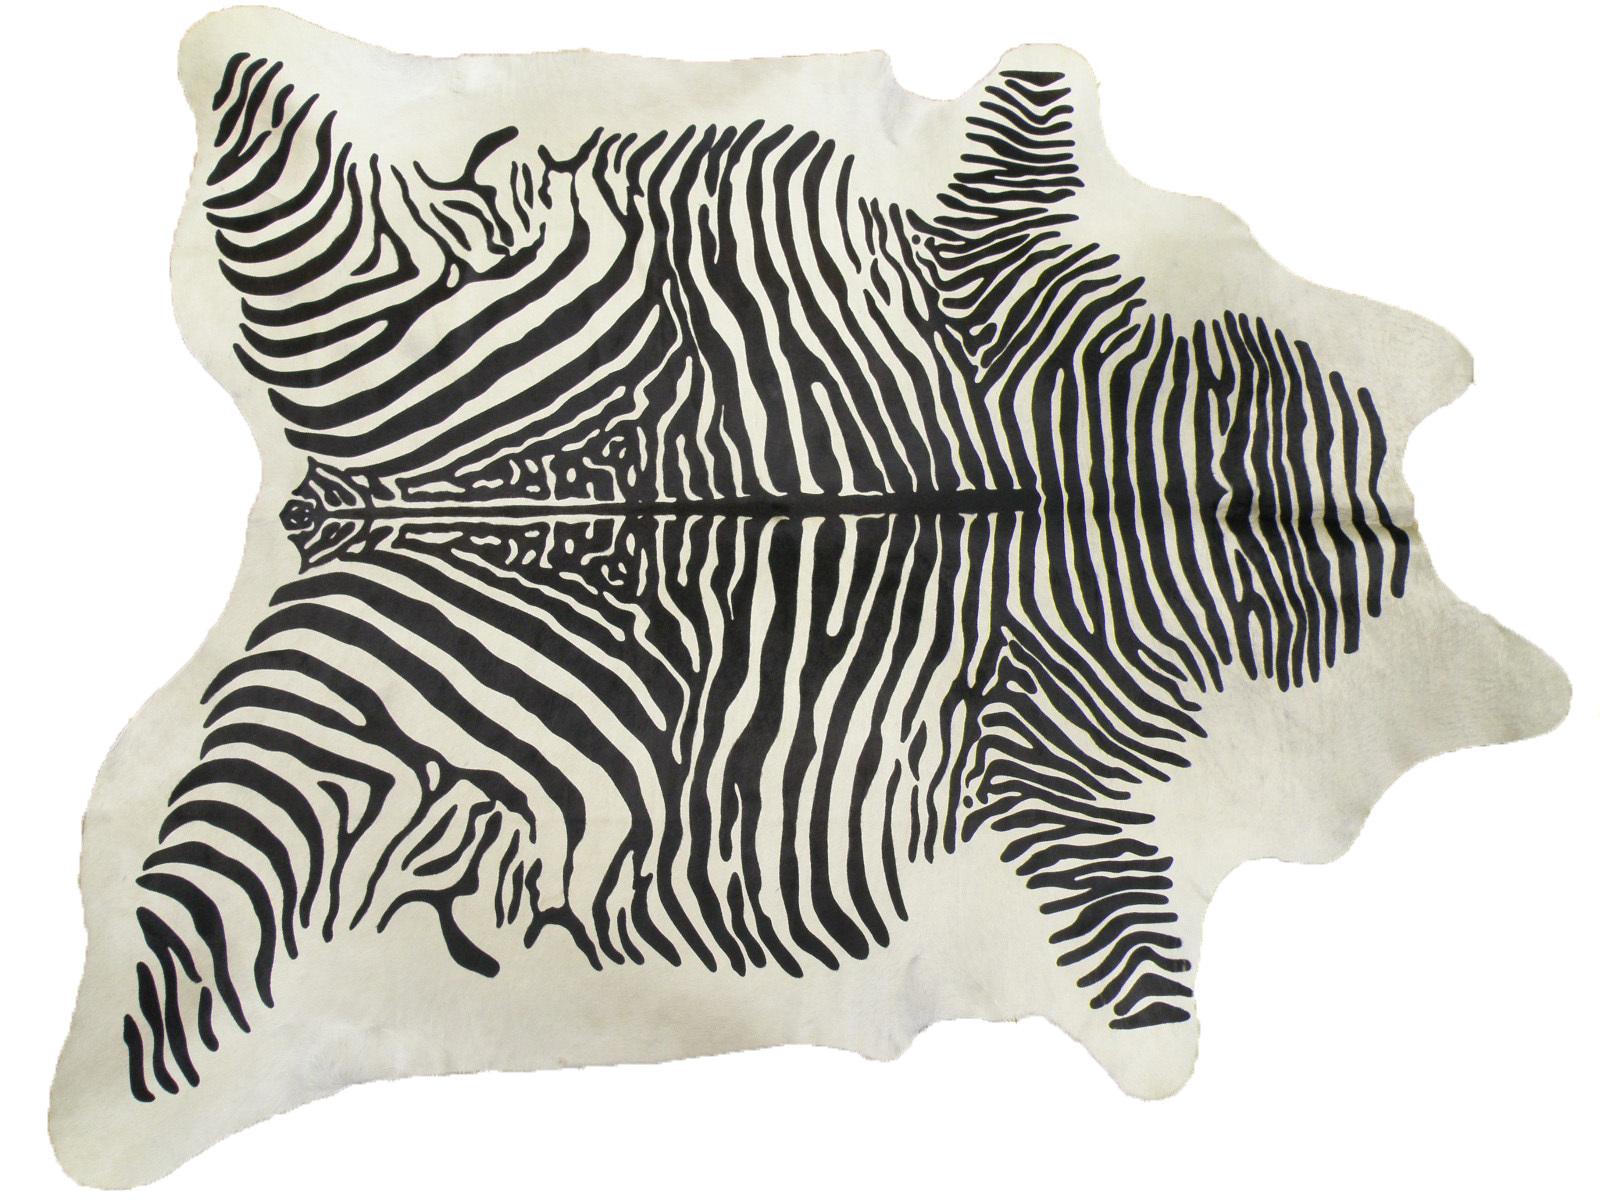 Шкура коровы крашеная под Зебру арт.: 25238